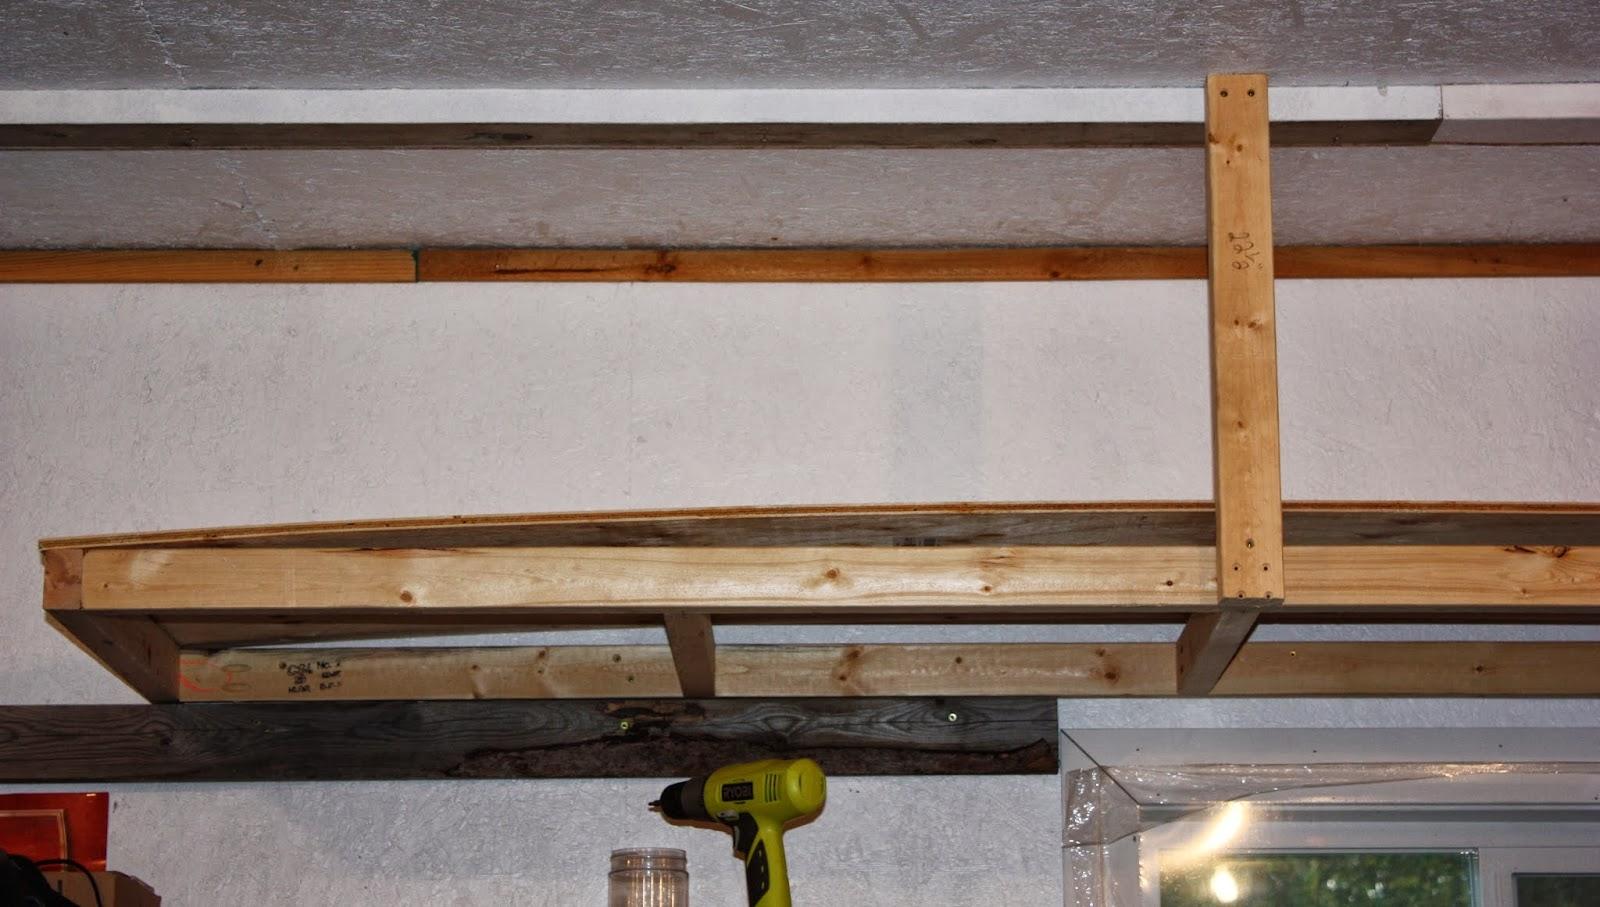 Artsybuildinglady: Garage Storage: Look up!